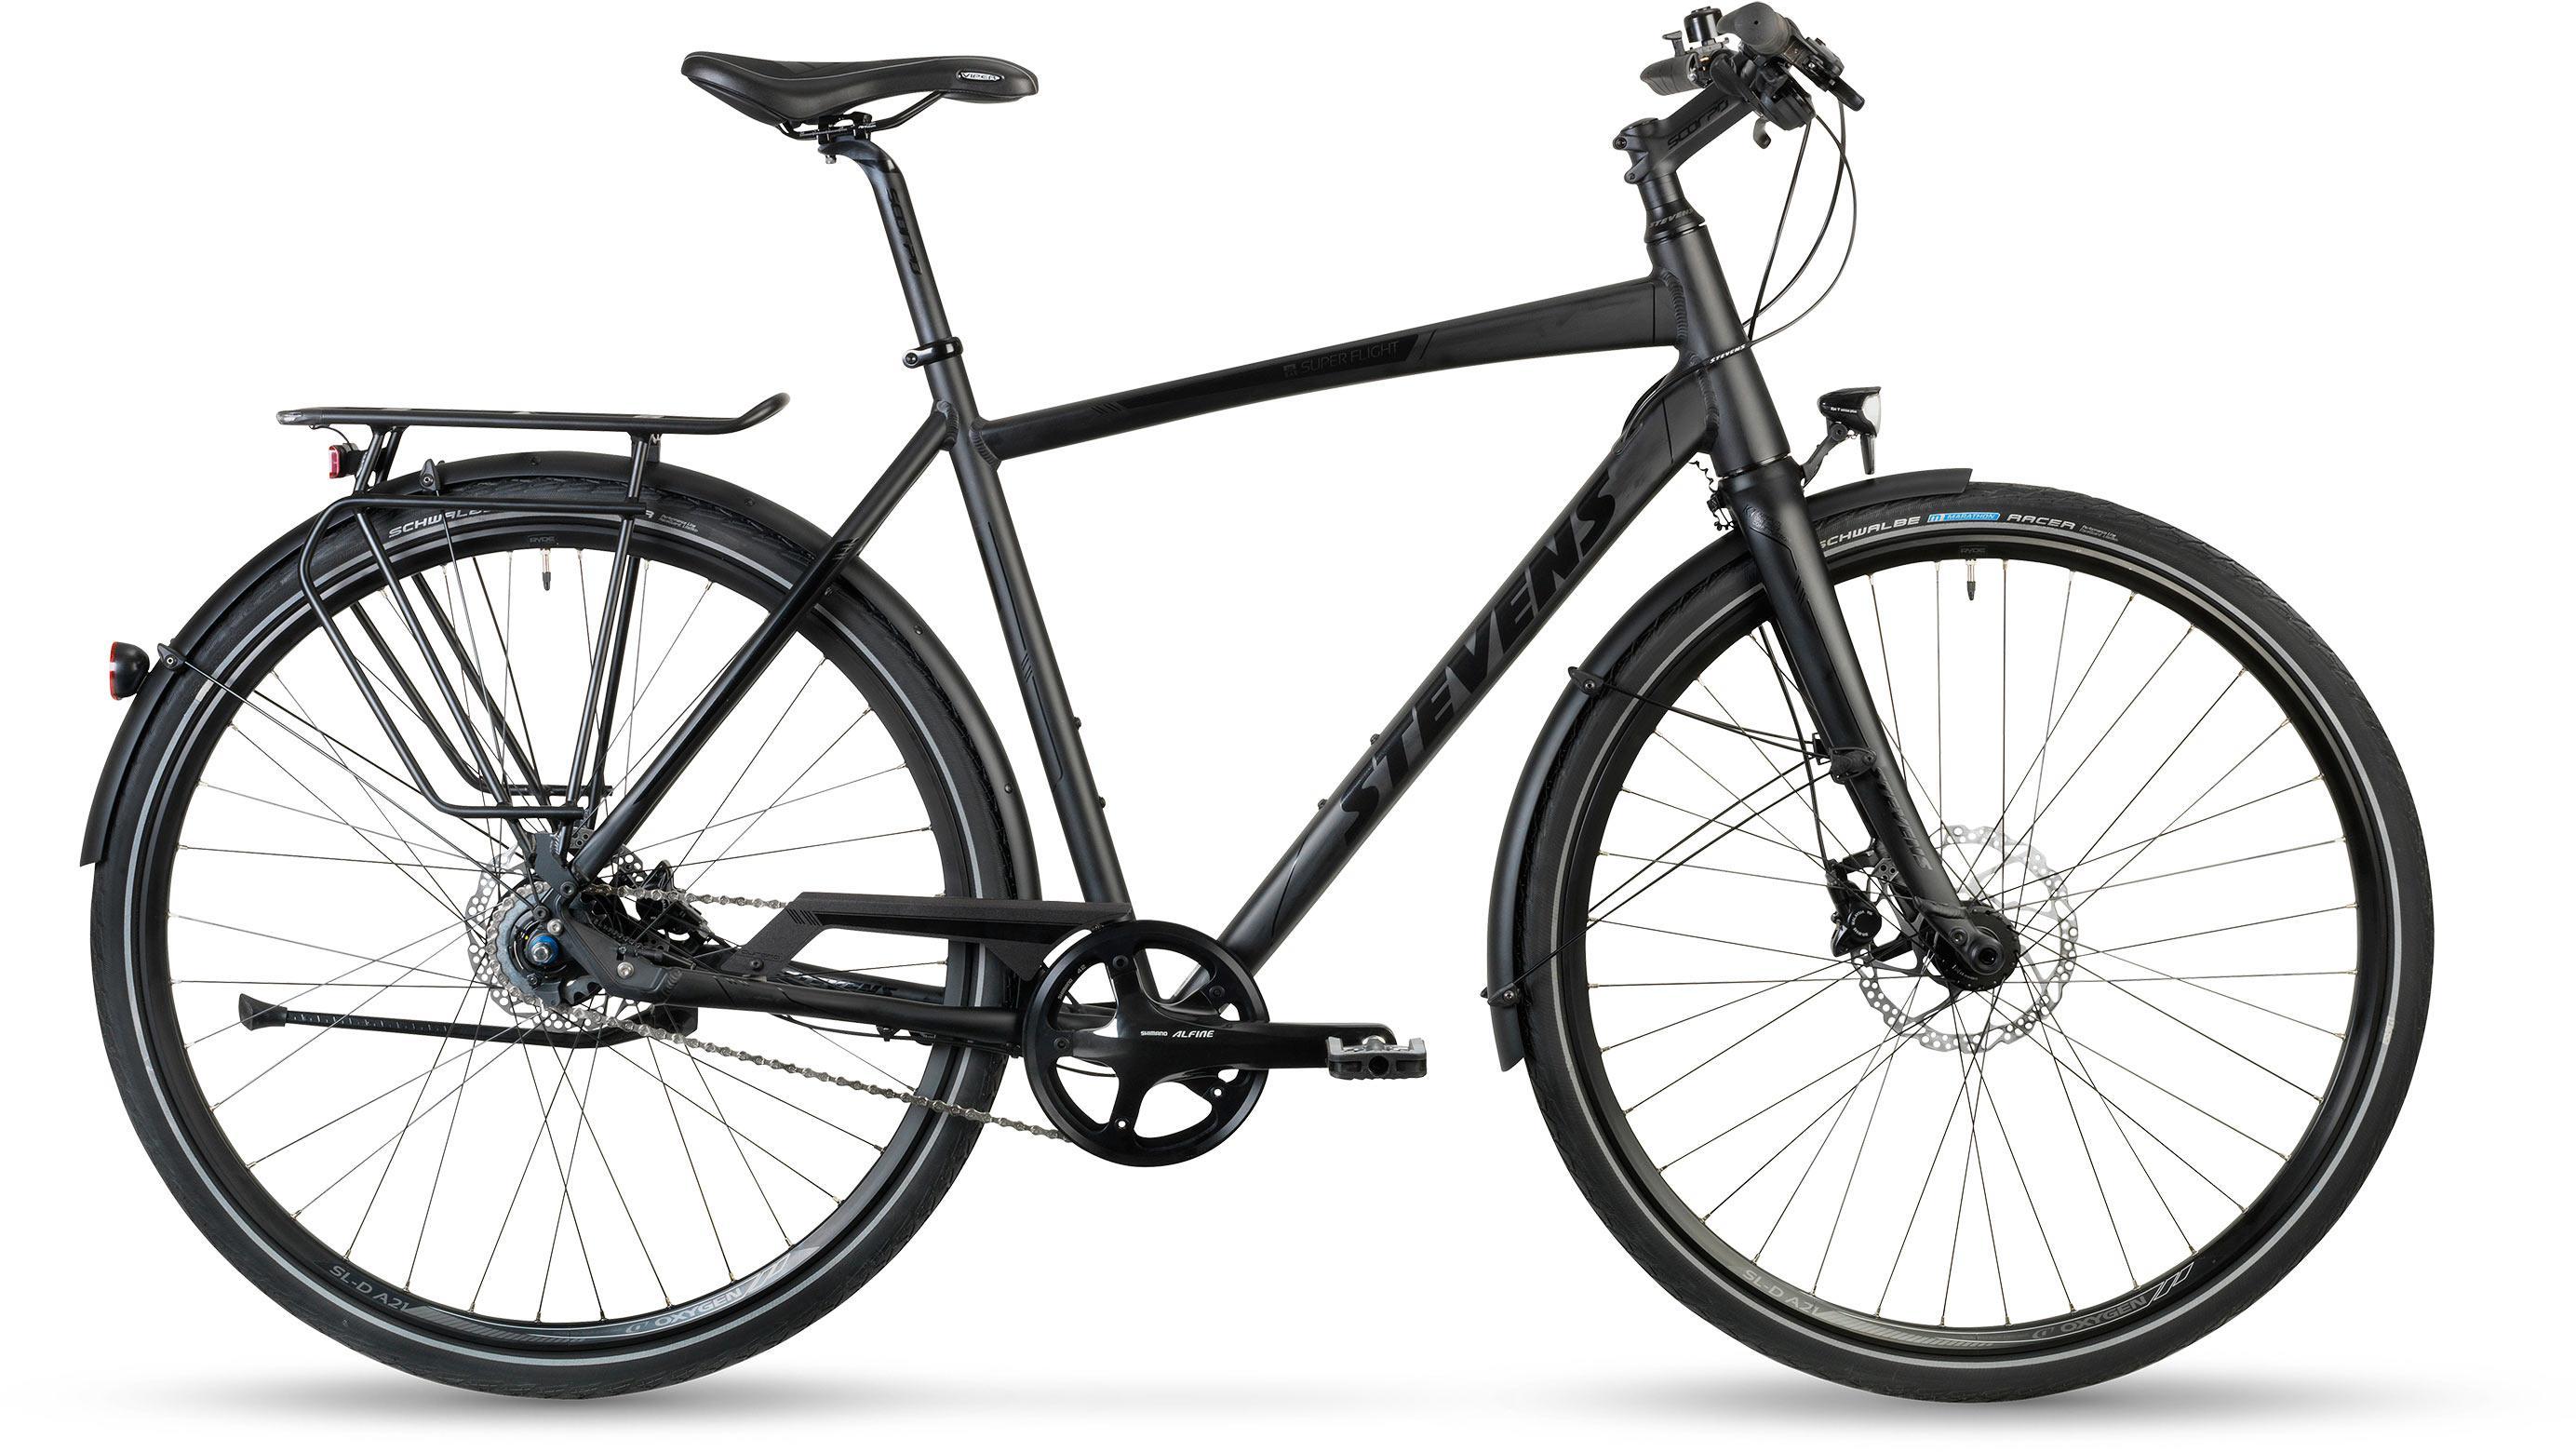 stevens super flight city bikes fitnessr der 2017. Black Bedroom Furniture Sets. Home Design Ideas